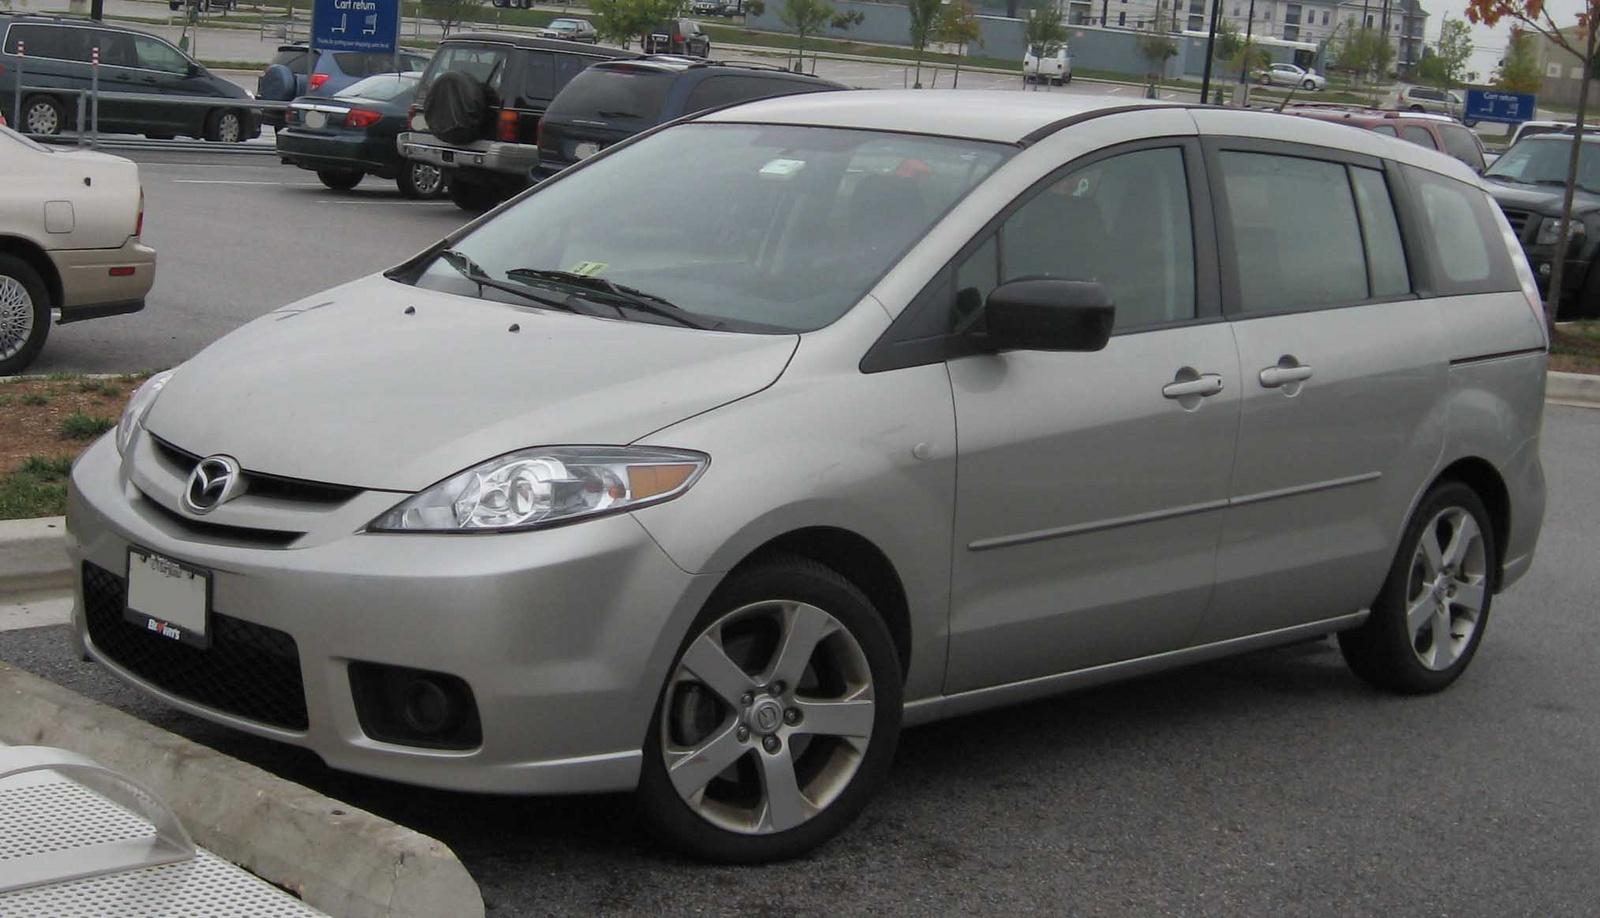 2007 Mazda Mazda5 Pictures C7350 pi36574204 likewise Suzuki sx4 2009 in addition 301489870738 also Pontiac Aztek Parts Diagram additionally Watch. on 2008 toyota matrix